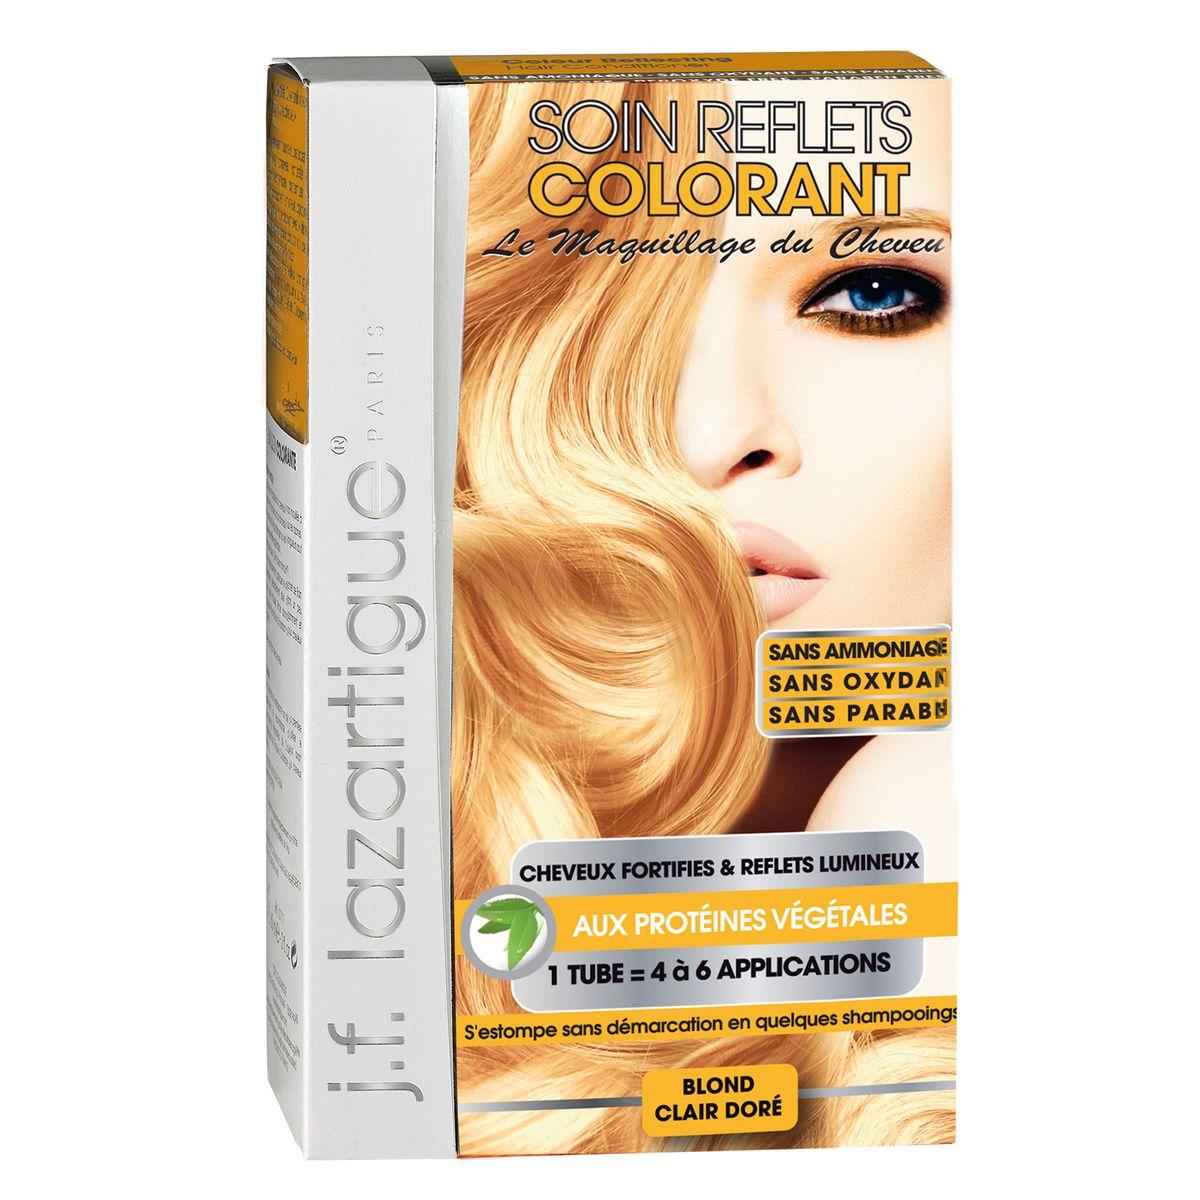 J.F.Lazartigue Оттеночный кондиционер для волос Золотистый светлый блондин 100 мл1917514/1794074/1658358Оттеночный кондиционер J.F.LAZARTIGUE – это лечебный макияж для Ваших волос. Два эффекта: кондиционирование волос и легкий оттенок. Особенности: придает новый или более теплый (или холодный) оттенок, делает тон темнее или акцентирует цвет, оживляет естественный цвет или придает яркость тусклым и выцветшим на солнце волосам. Закрашивает небольшой процент седины! После мытья волос шампунем (3-6 раз) смывается. Для достижения индивидуального оттенка можно смешать два разных кондиционера: добавить к выбранному ТЕМНЫЙ РЫЖИЙ (Auburn), МЕДНЫЙ (Copper) и т.п. Не осветляет волосы. Не содержит аммиака и перекиси водорода. Не содержит парабенов. Не предназначен для окрашивания бровей и ресниц.